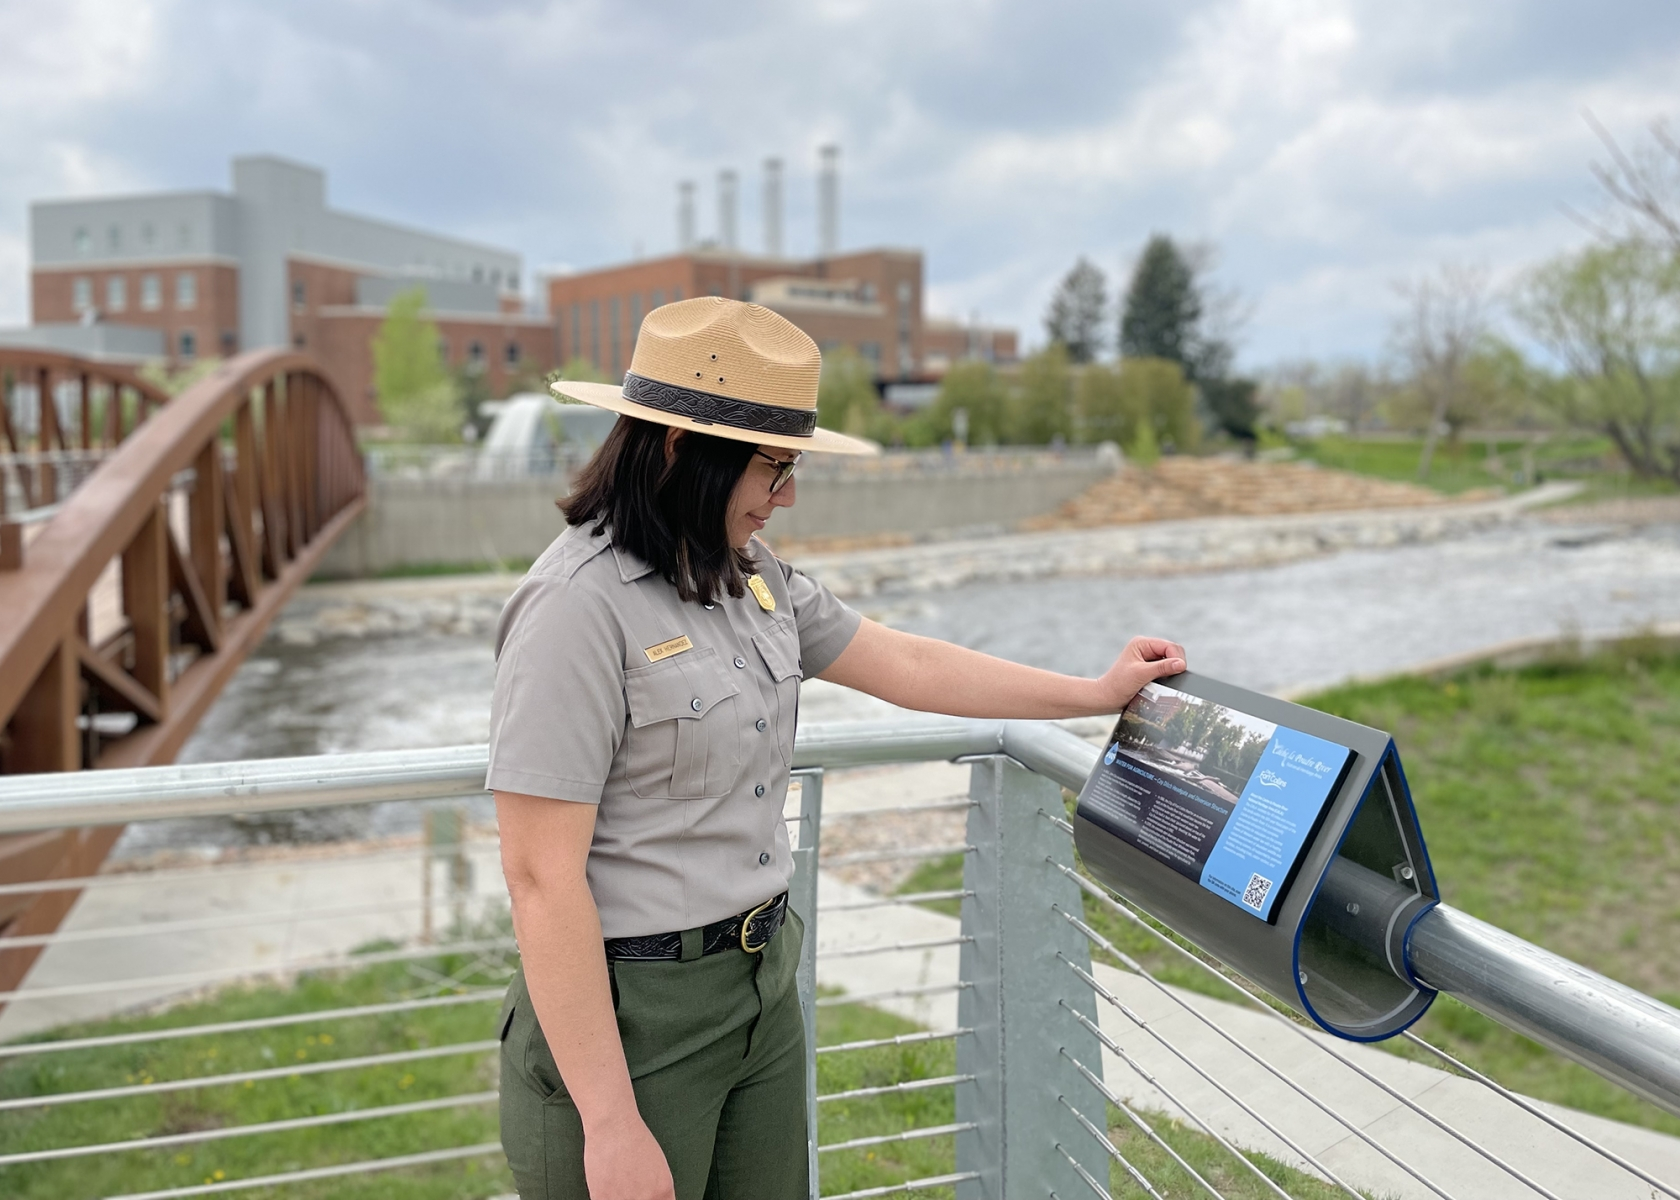 Alex Hernández se encuentra junto a una exhibición a lo largo de un río.